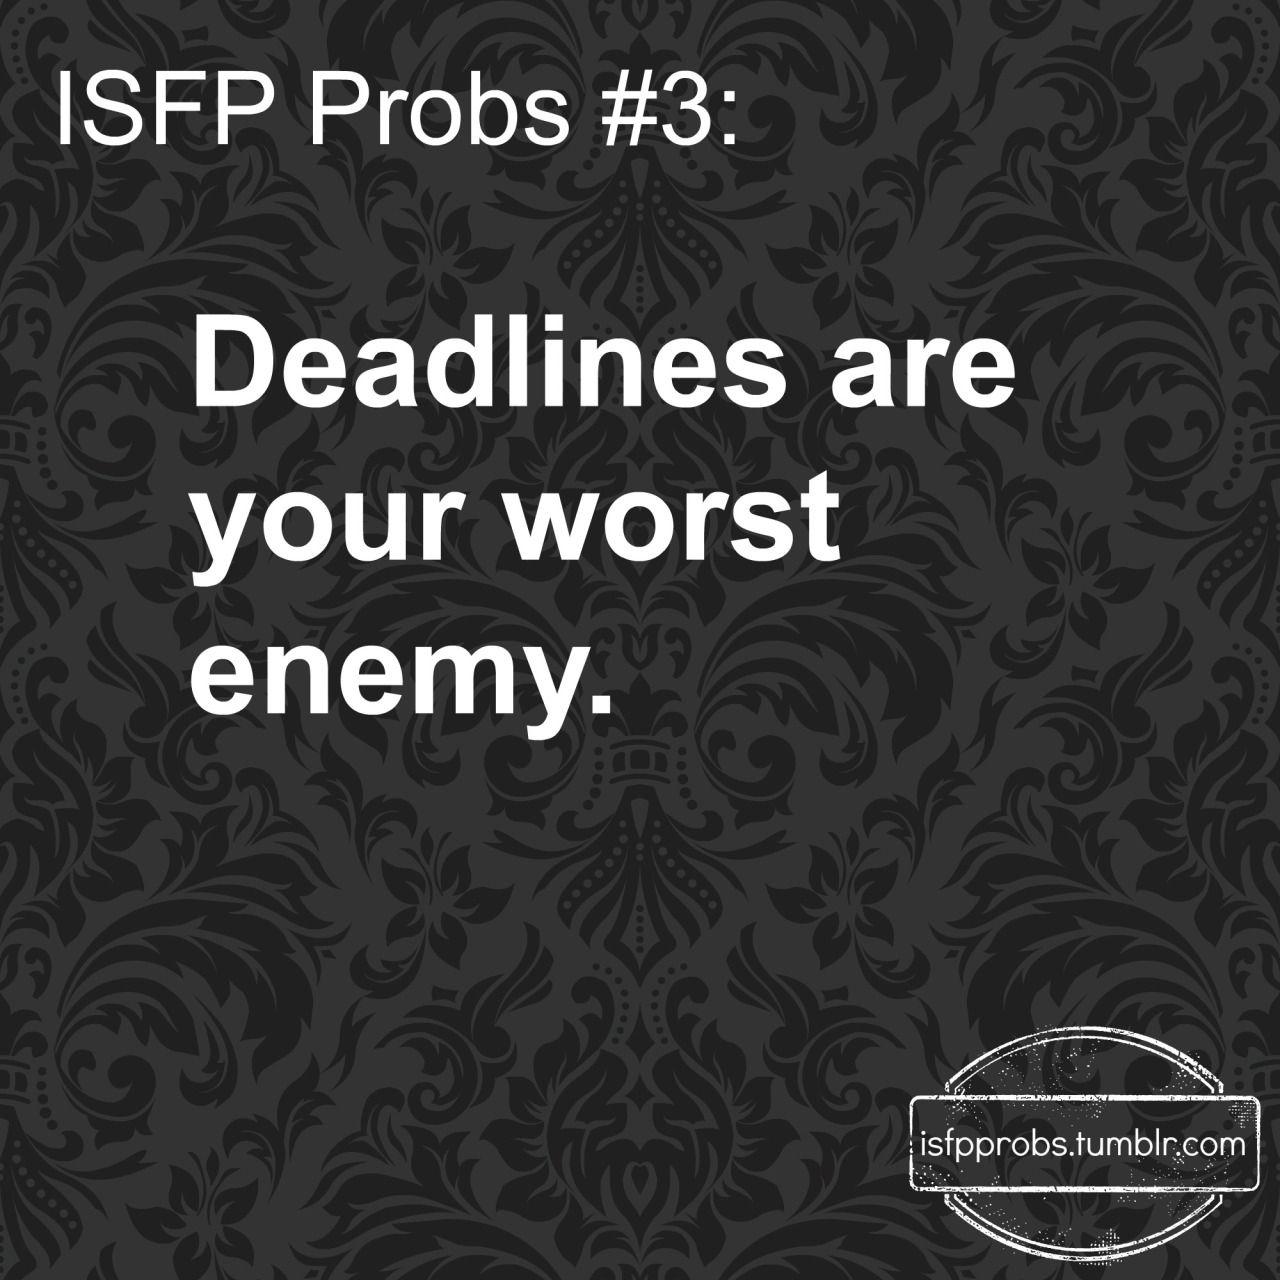 ISFP Probs